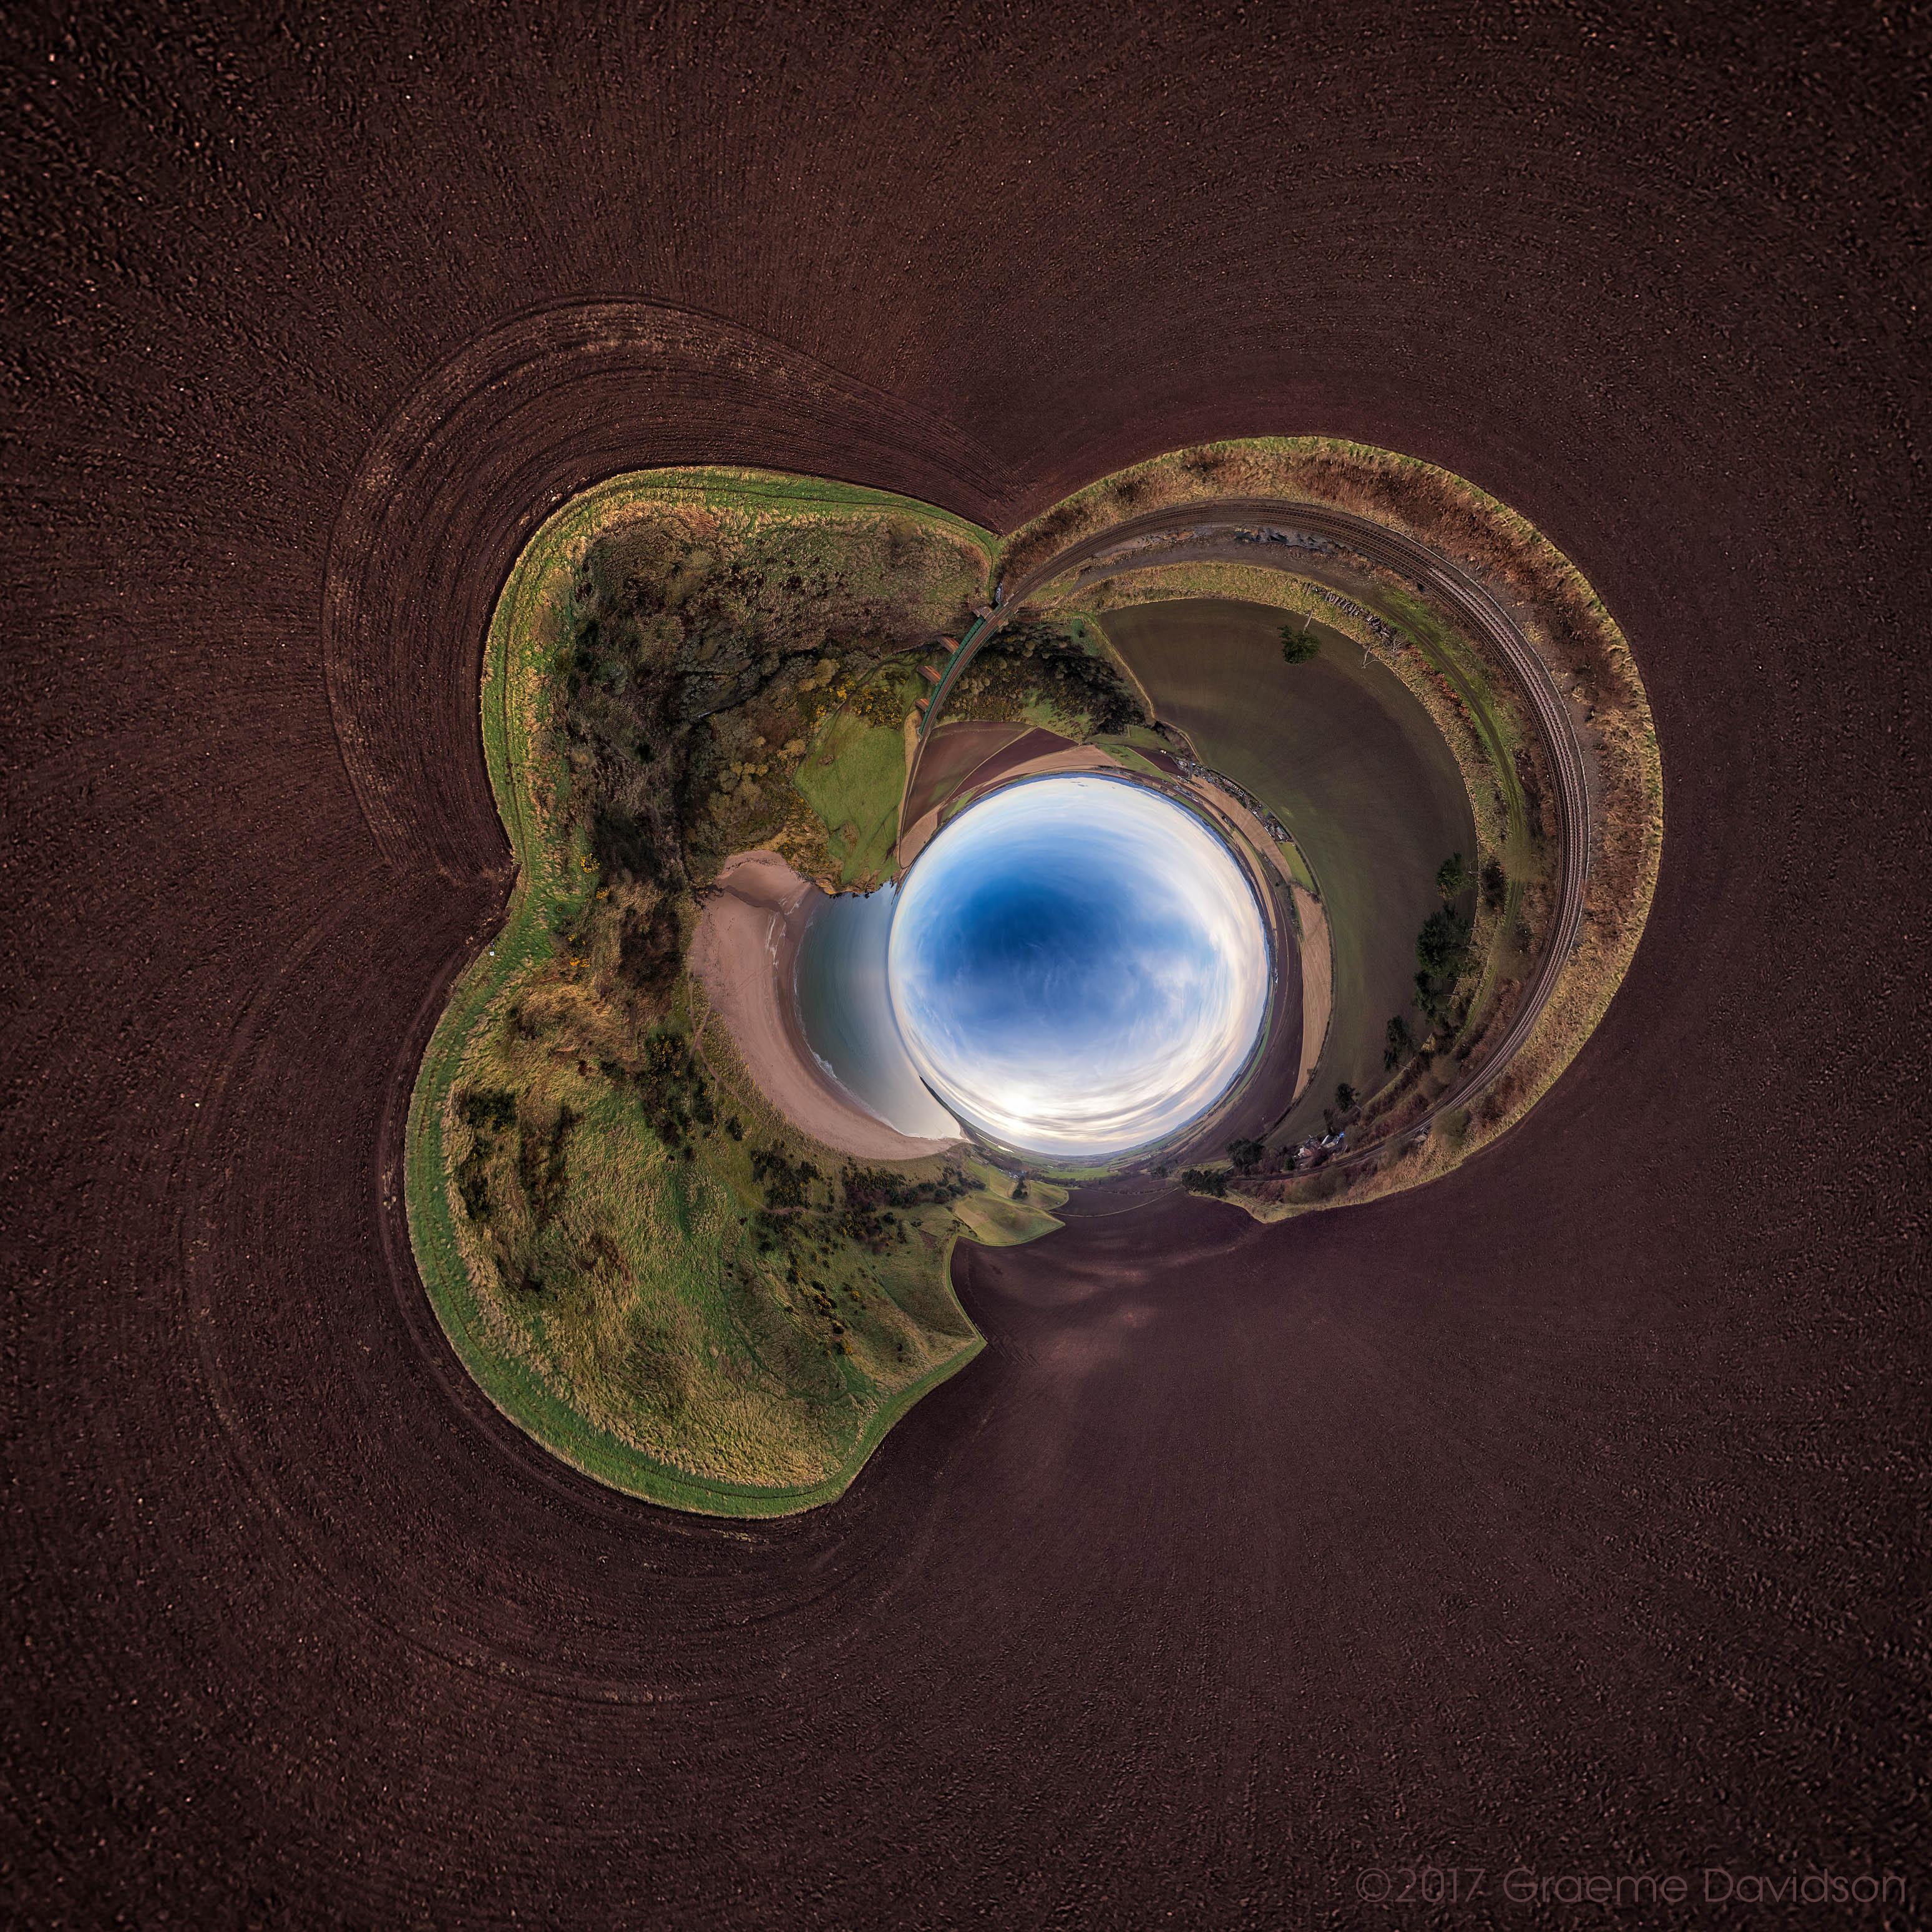 Lunan - Inverted planet